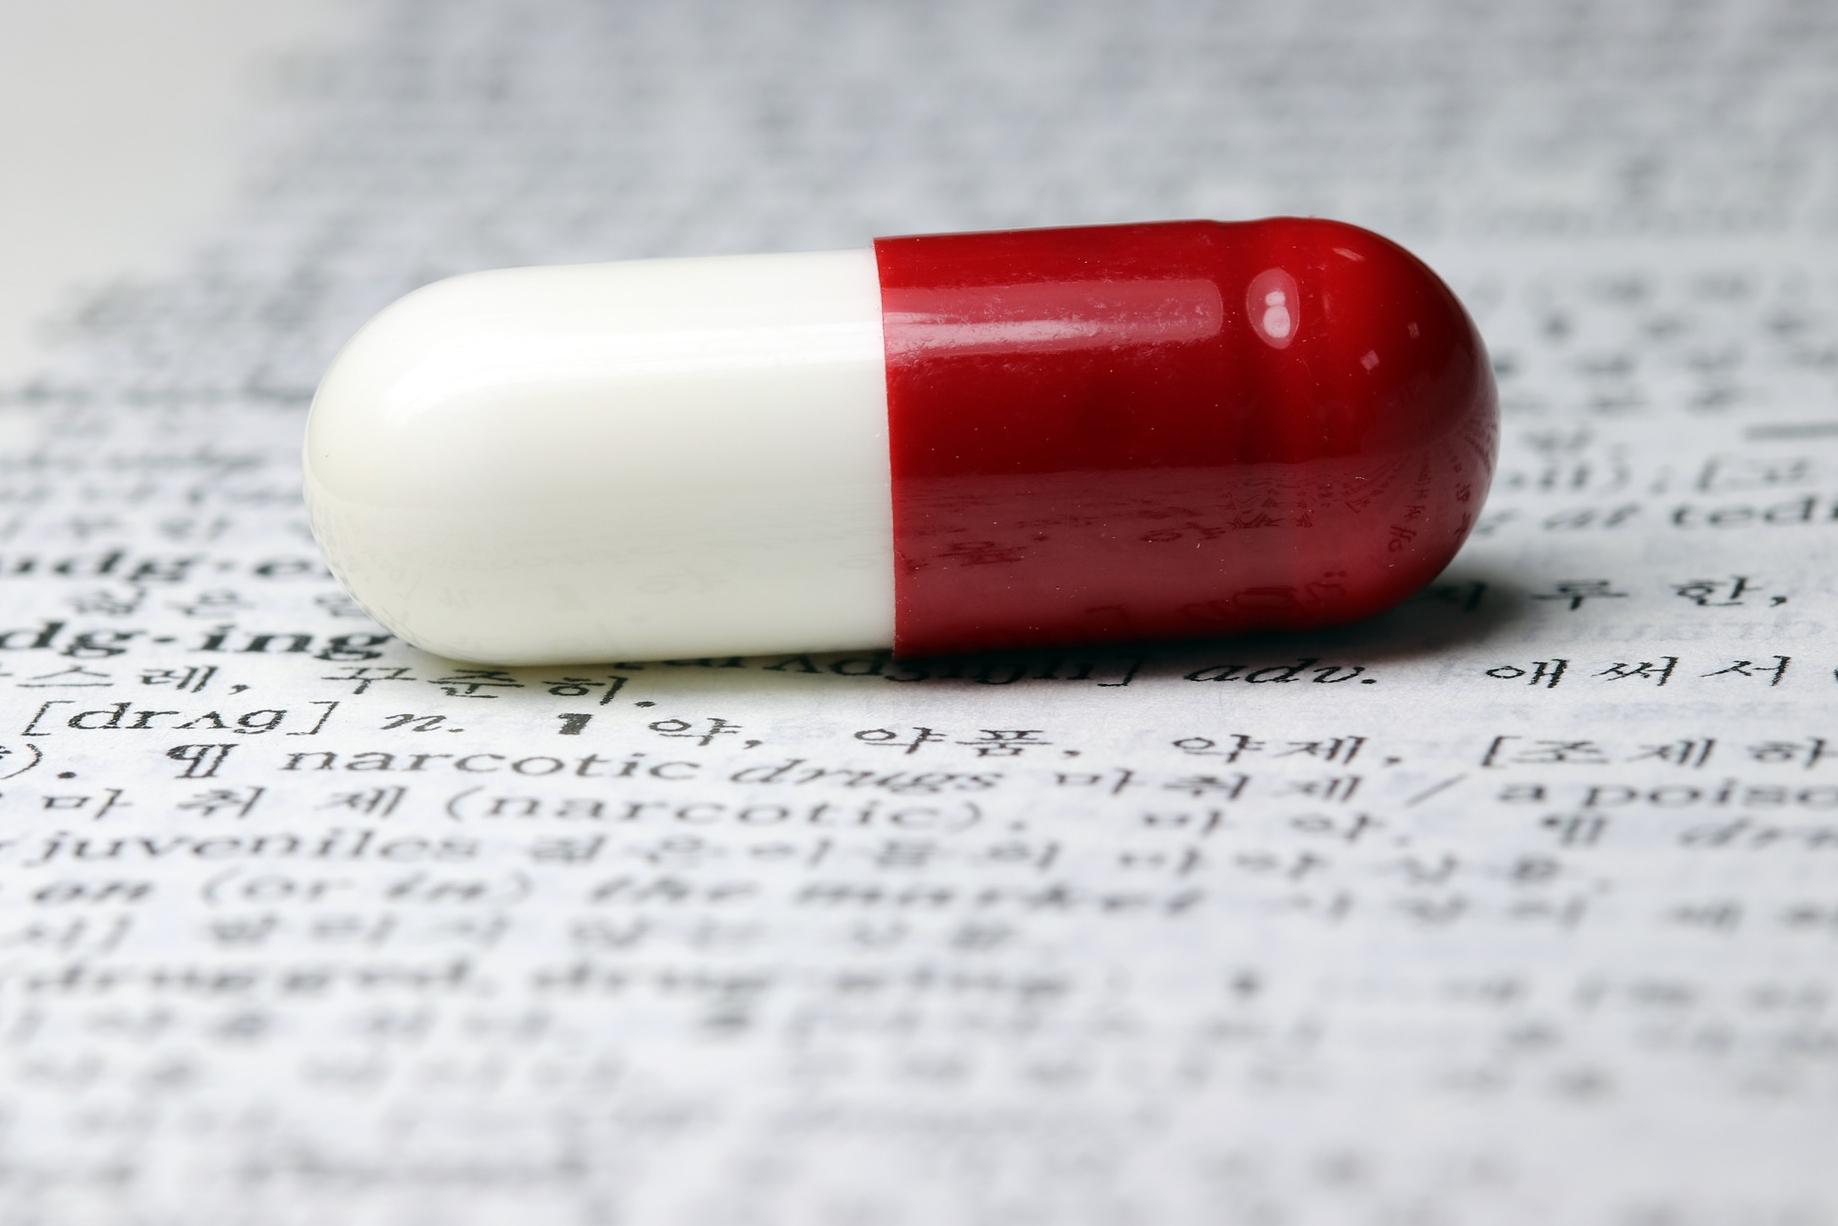 2021.10.20药品批件14品种过评!又一2型糖尿病药物过评